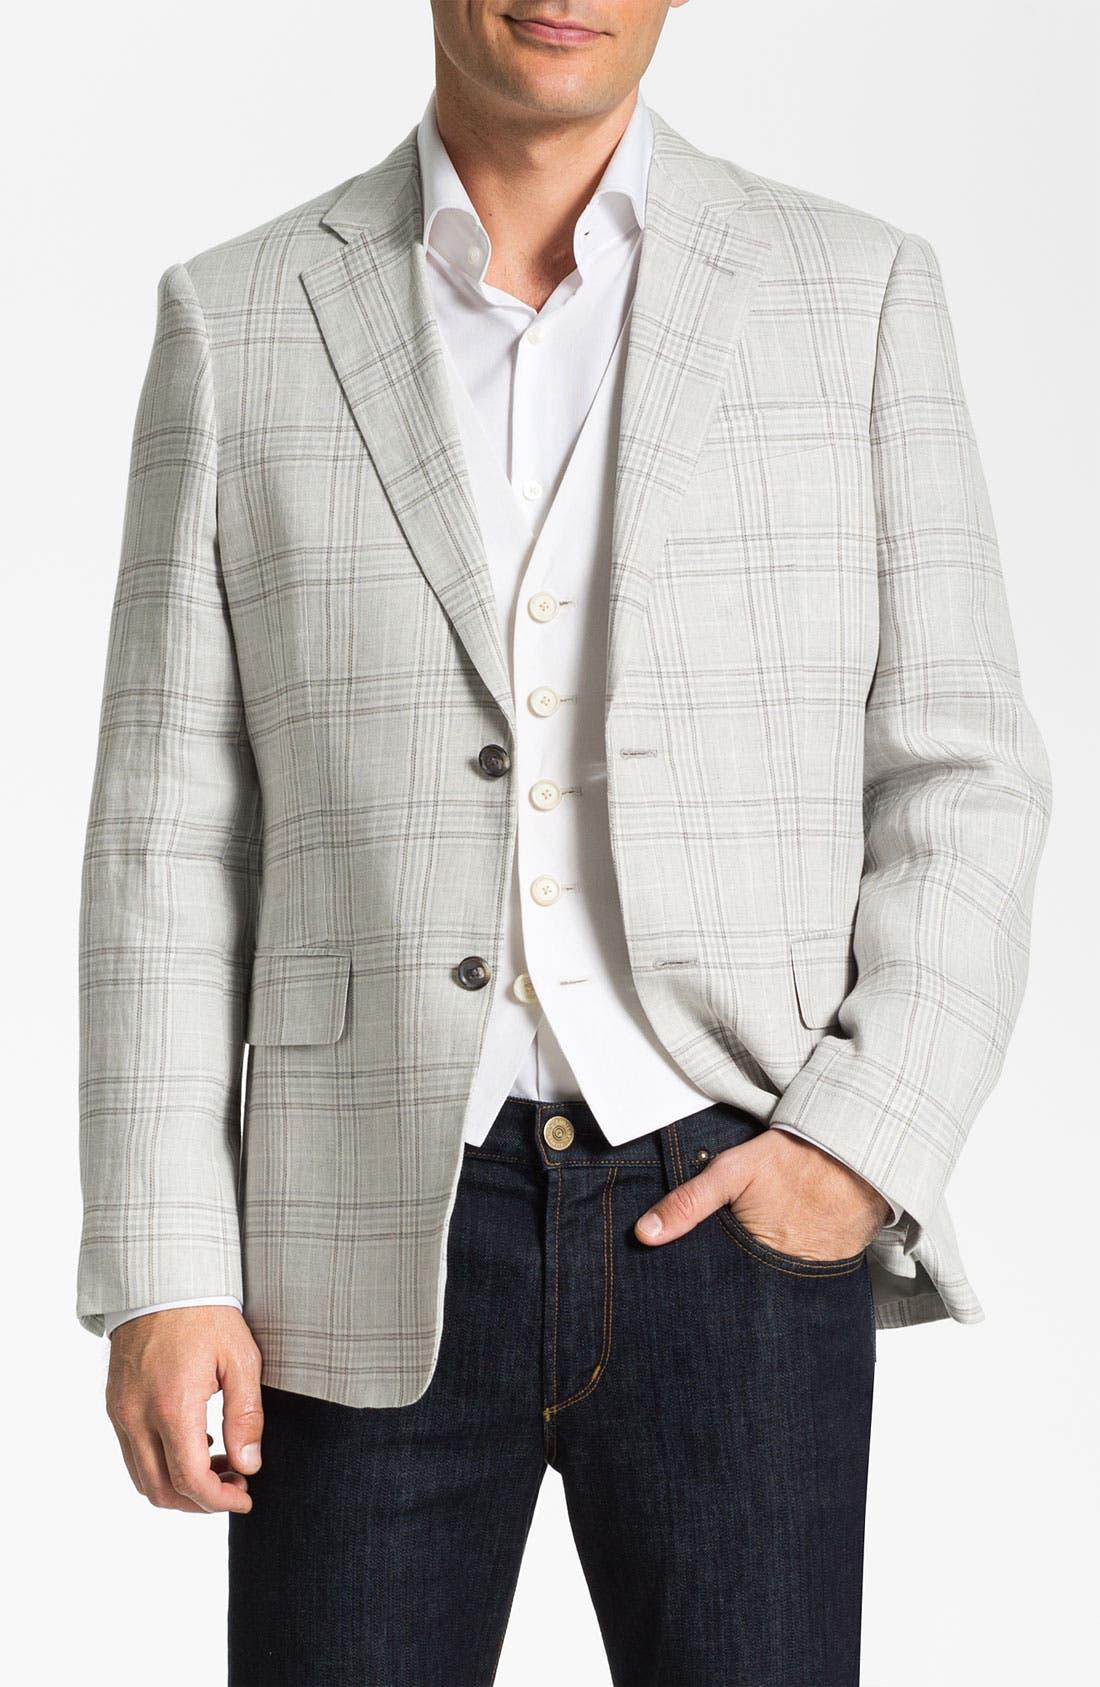 Alternate Image 1 Selected - John W. Nordstrom® Linen Plaid Sportcoat